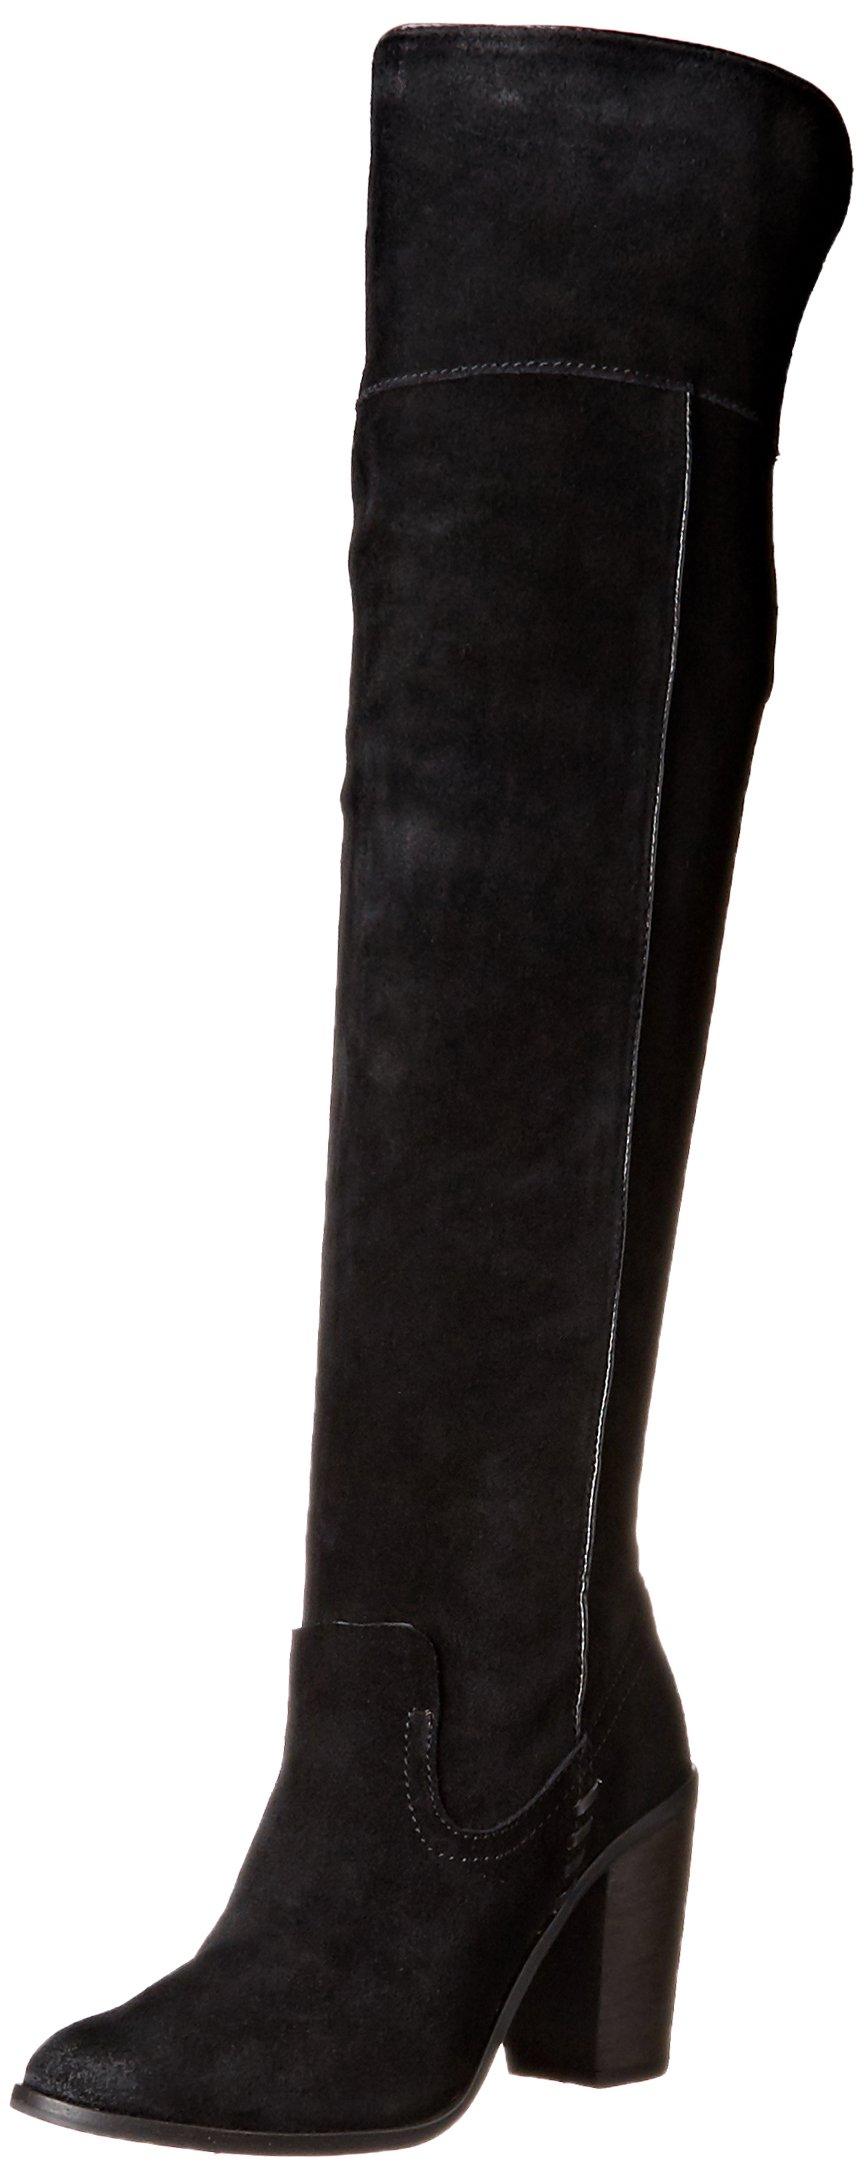 Dolce Vita Women's Orien Western Boot, Black, 10 M US